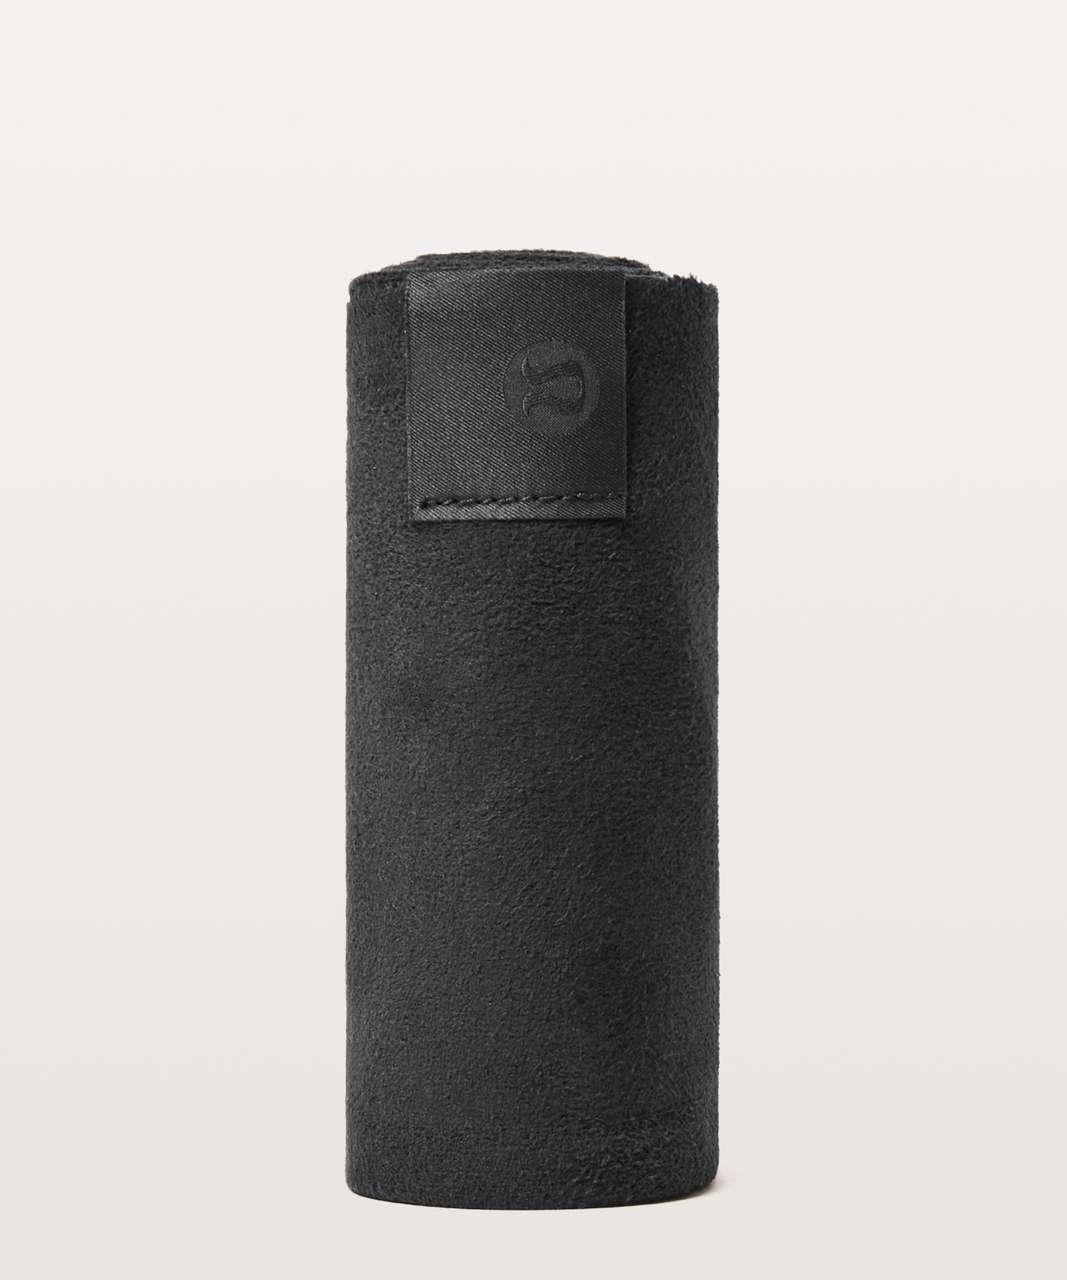 Lululemon The (Small) Towel - Black